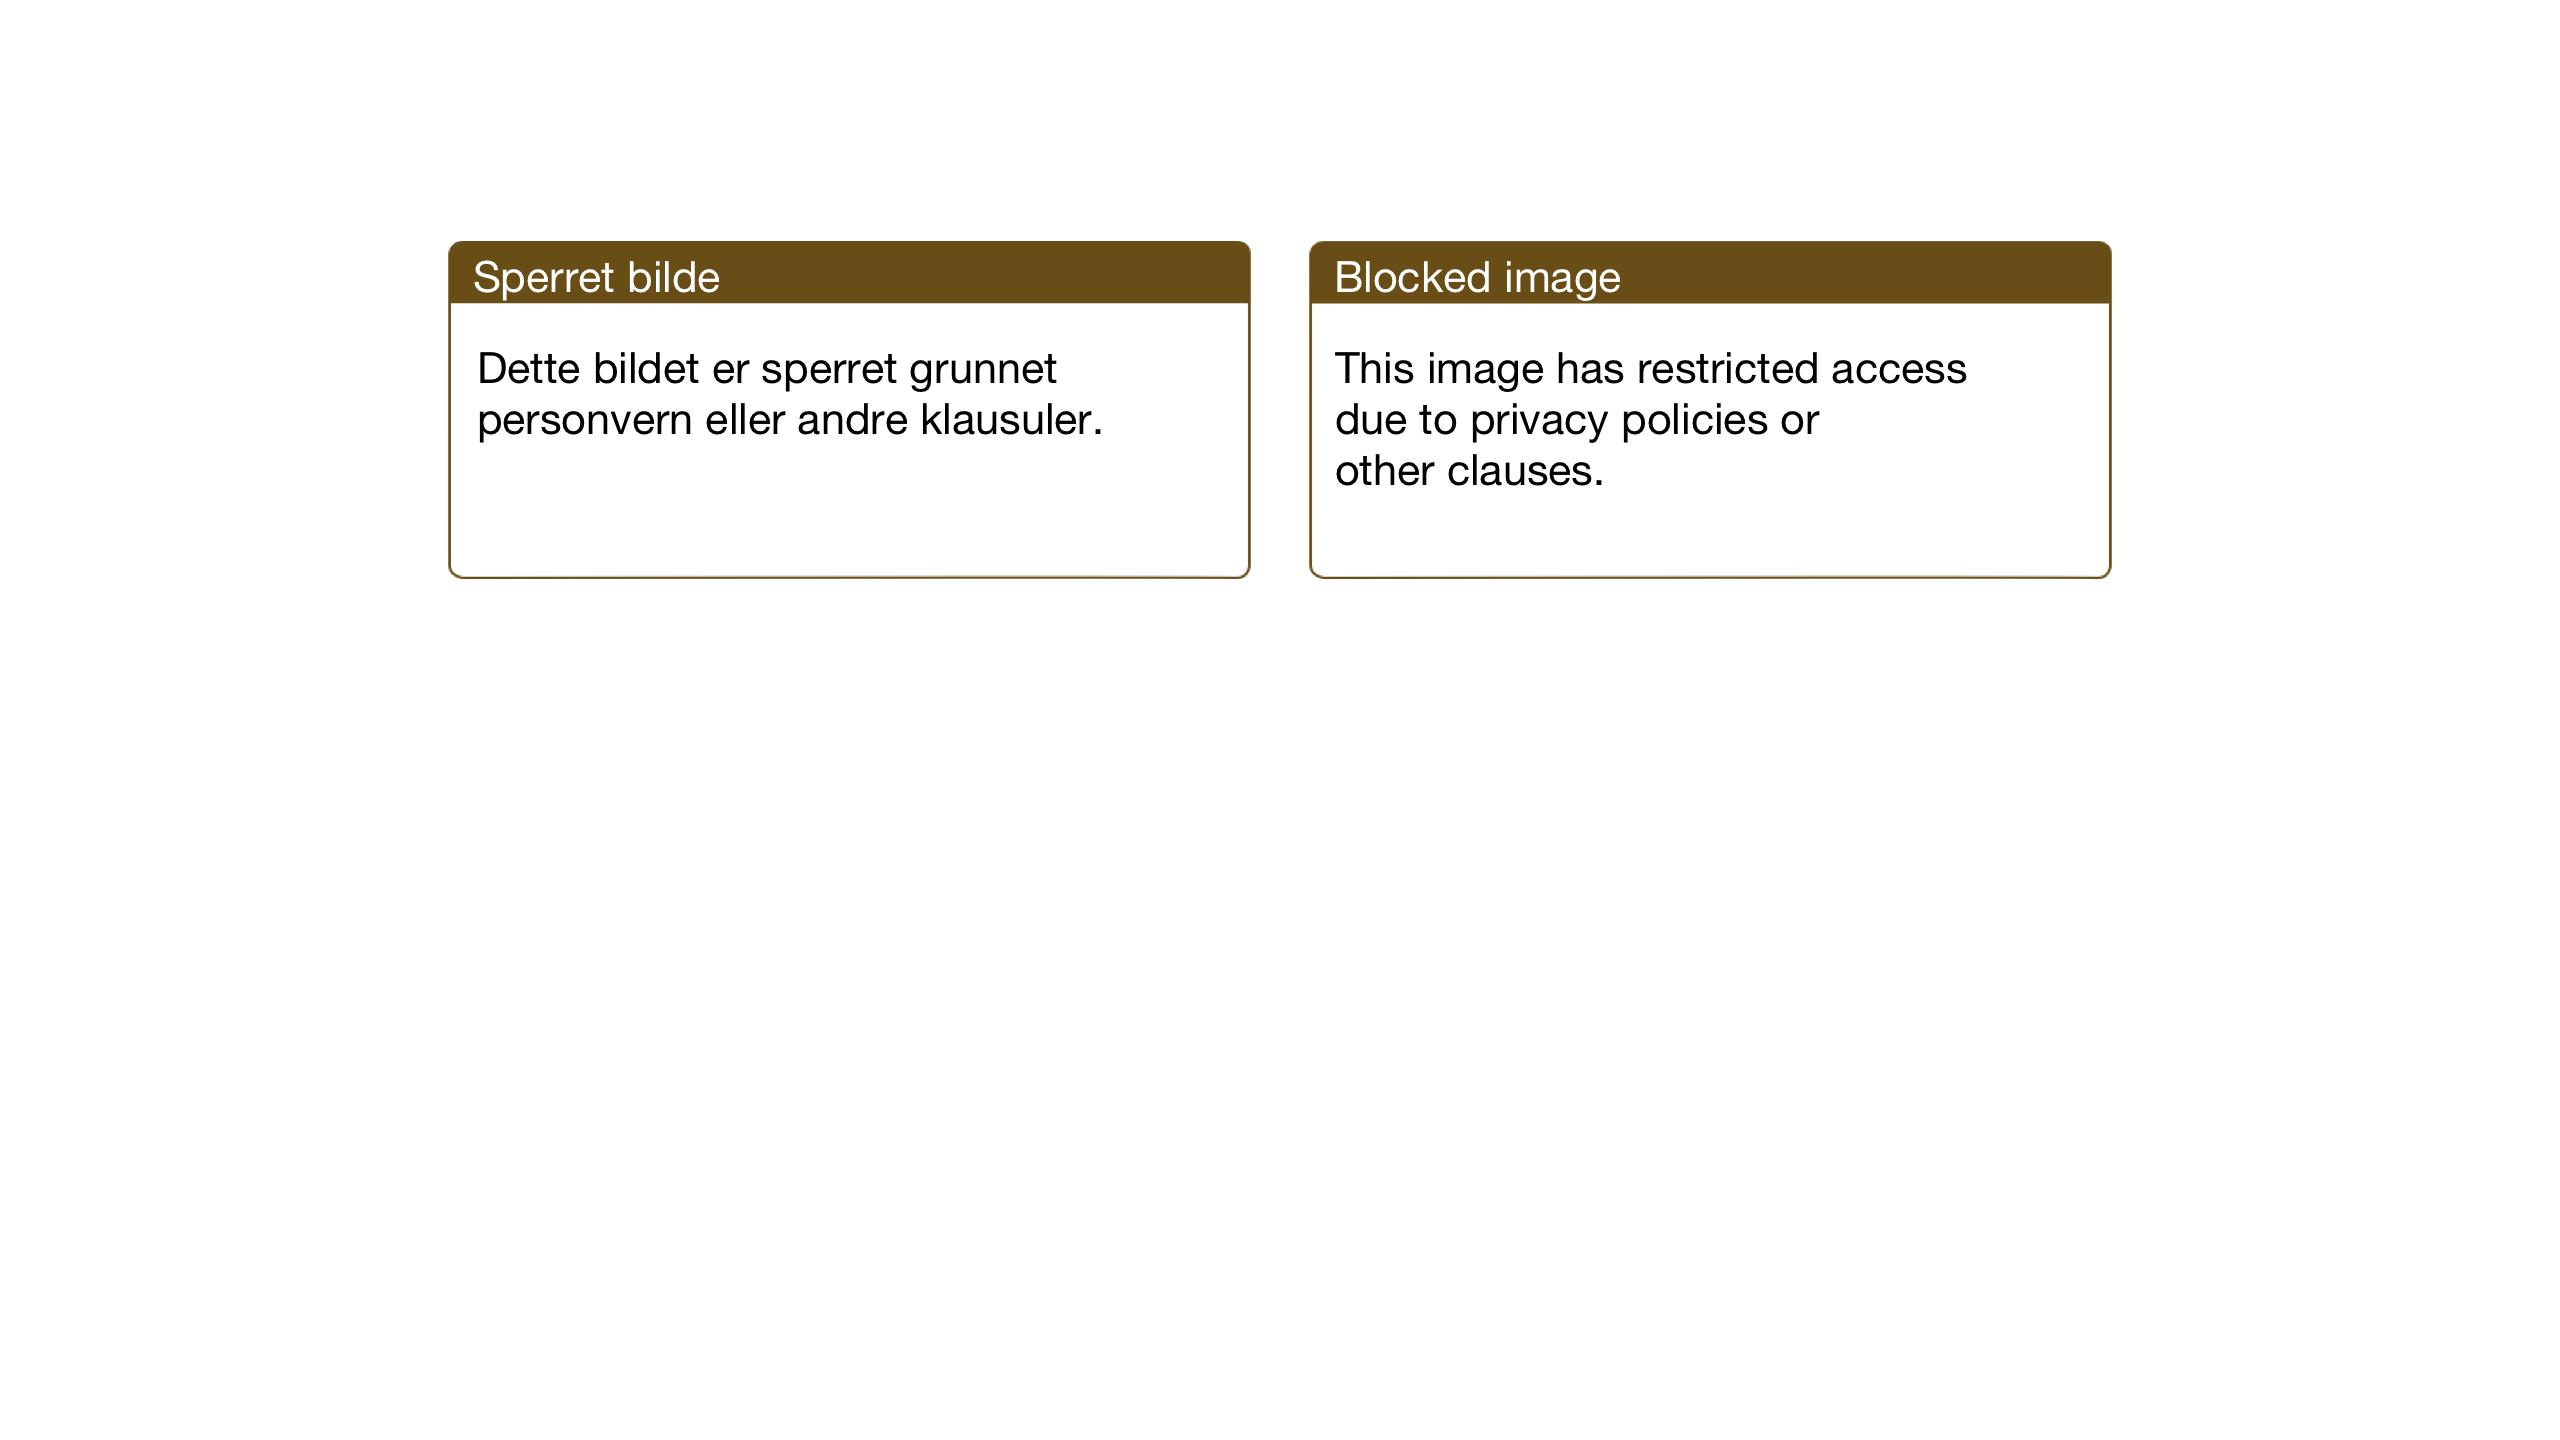 SAT, Ministerialprotokoller, klokkerbøker og fødselsregistre - Sør-Trøndelag, 604/L0210: Ministerialbok nr. 604A30, 1932-1946, s. 105